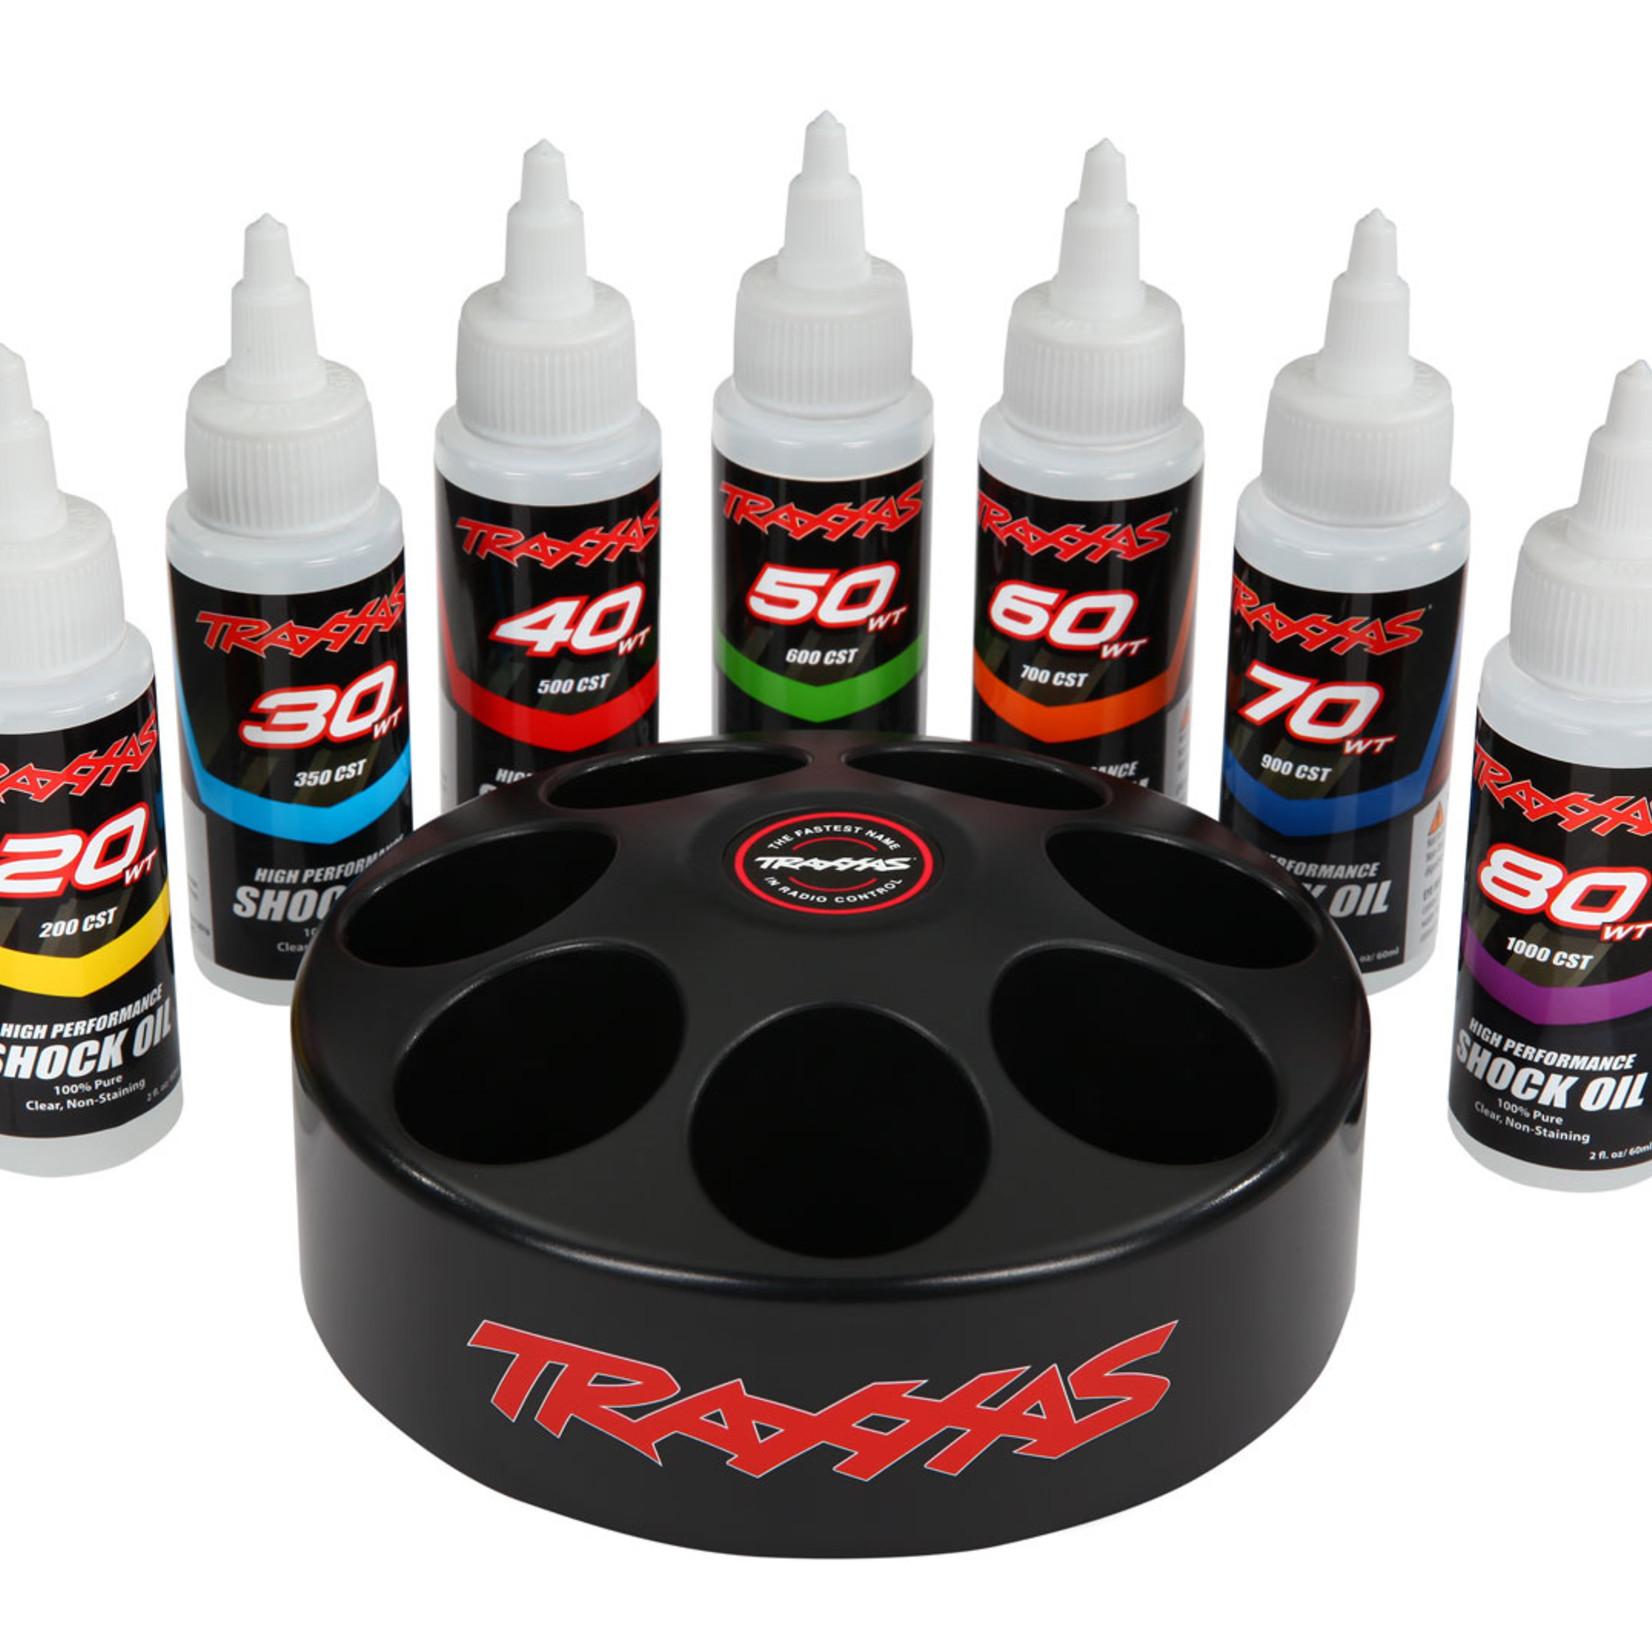 Traxxas TRA5038X Traxxas Shock Oil Set (Includes 20 Wt, 30 Wt, 40 Wt, 50 Wt, 60 Wt, 70 Wt, & 80 Wt Premium Shock Oils with Spinning Carousel Rack)